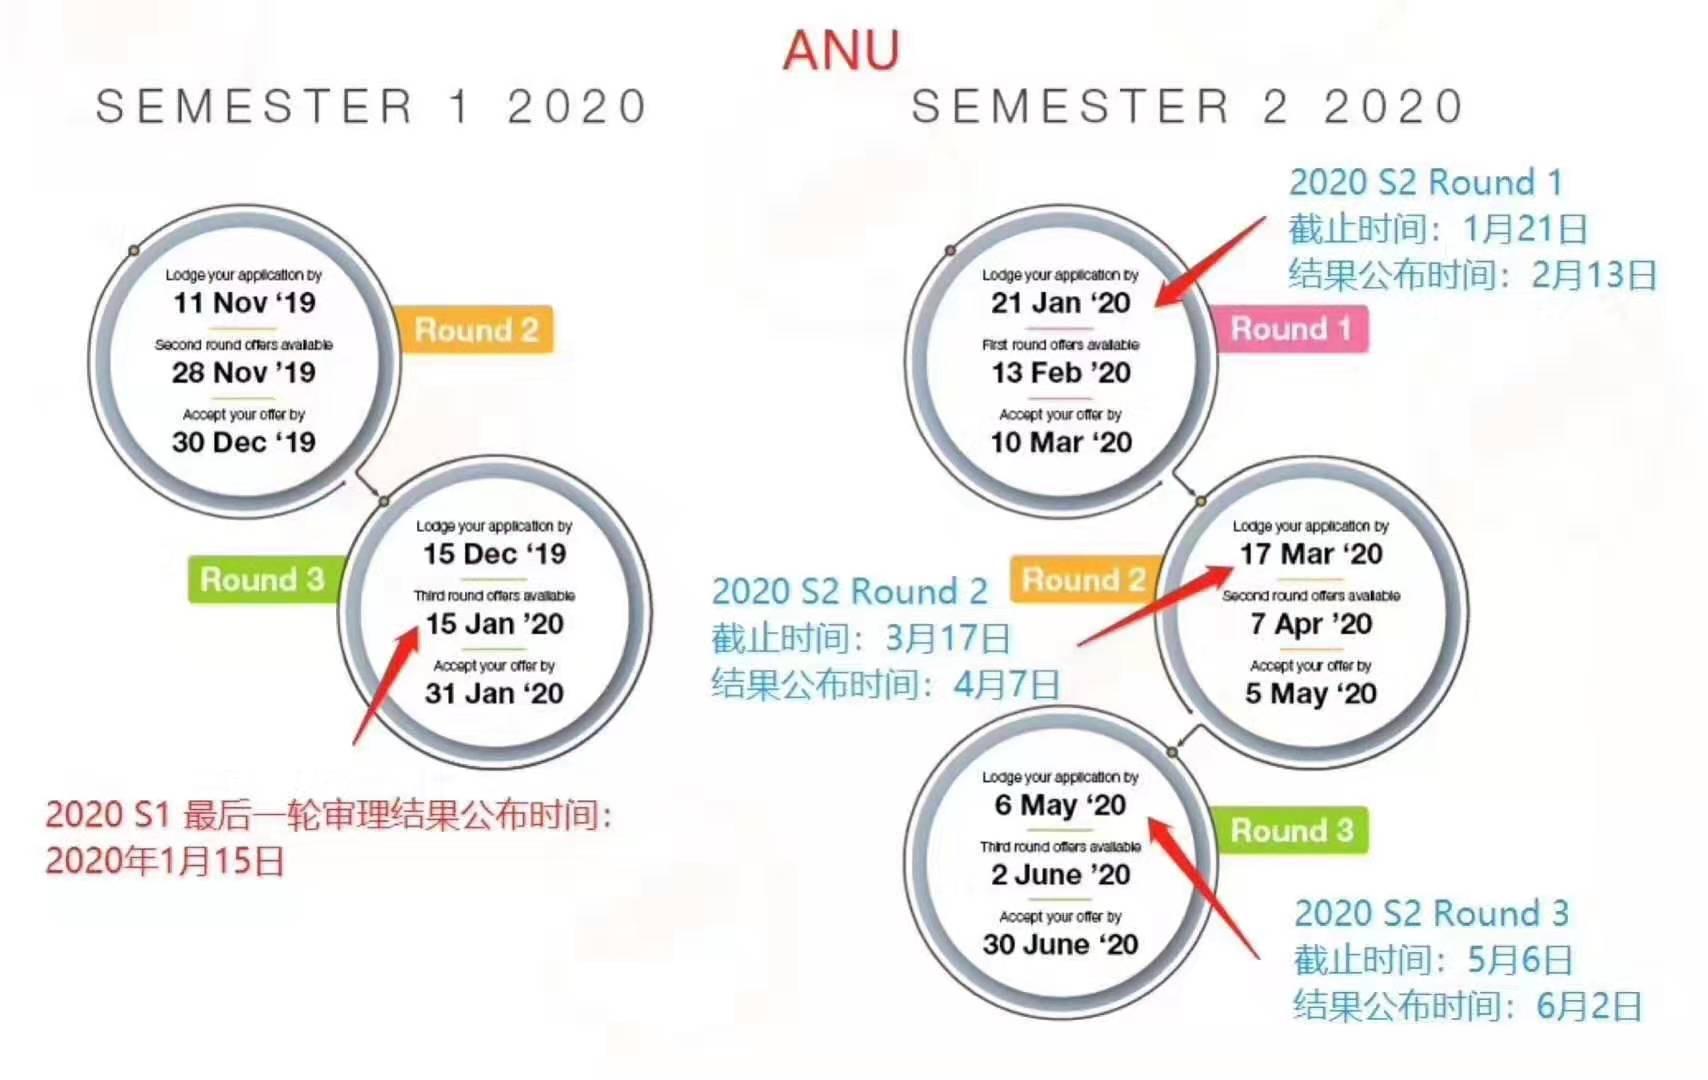 【澳国立重要通知】2020年7月入学第二轮申请更新内容!